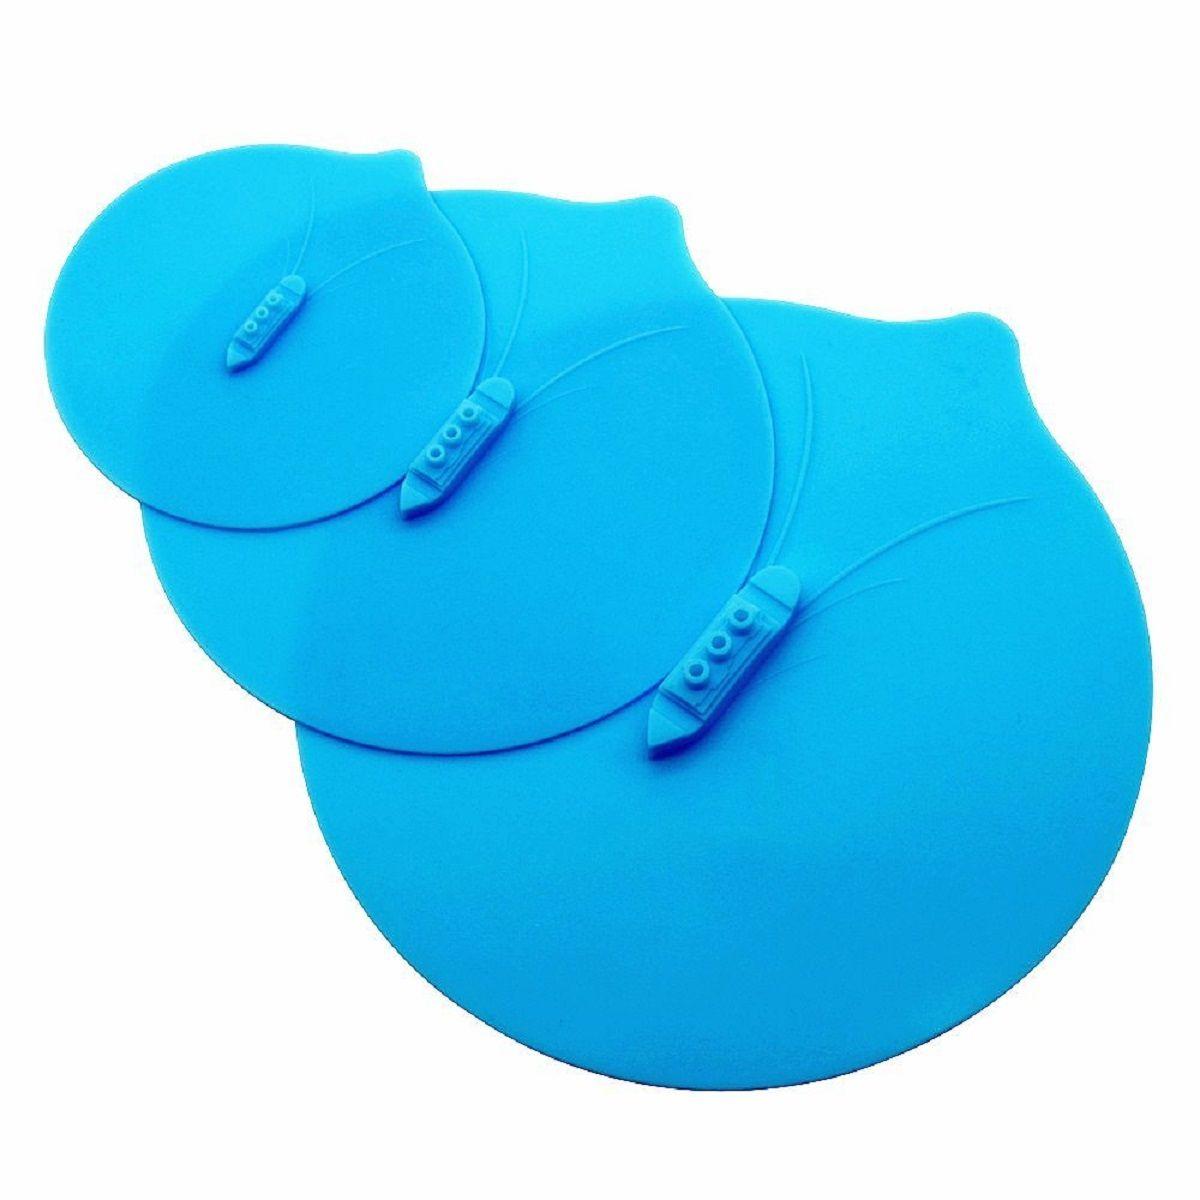 Набор крышек с отверстиями для выпуска пара FidgetGo  Пароход , силиконовые, цвет: голубой, 3 шт - Кухонные принадлежности